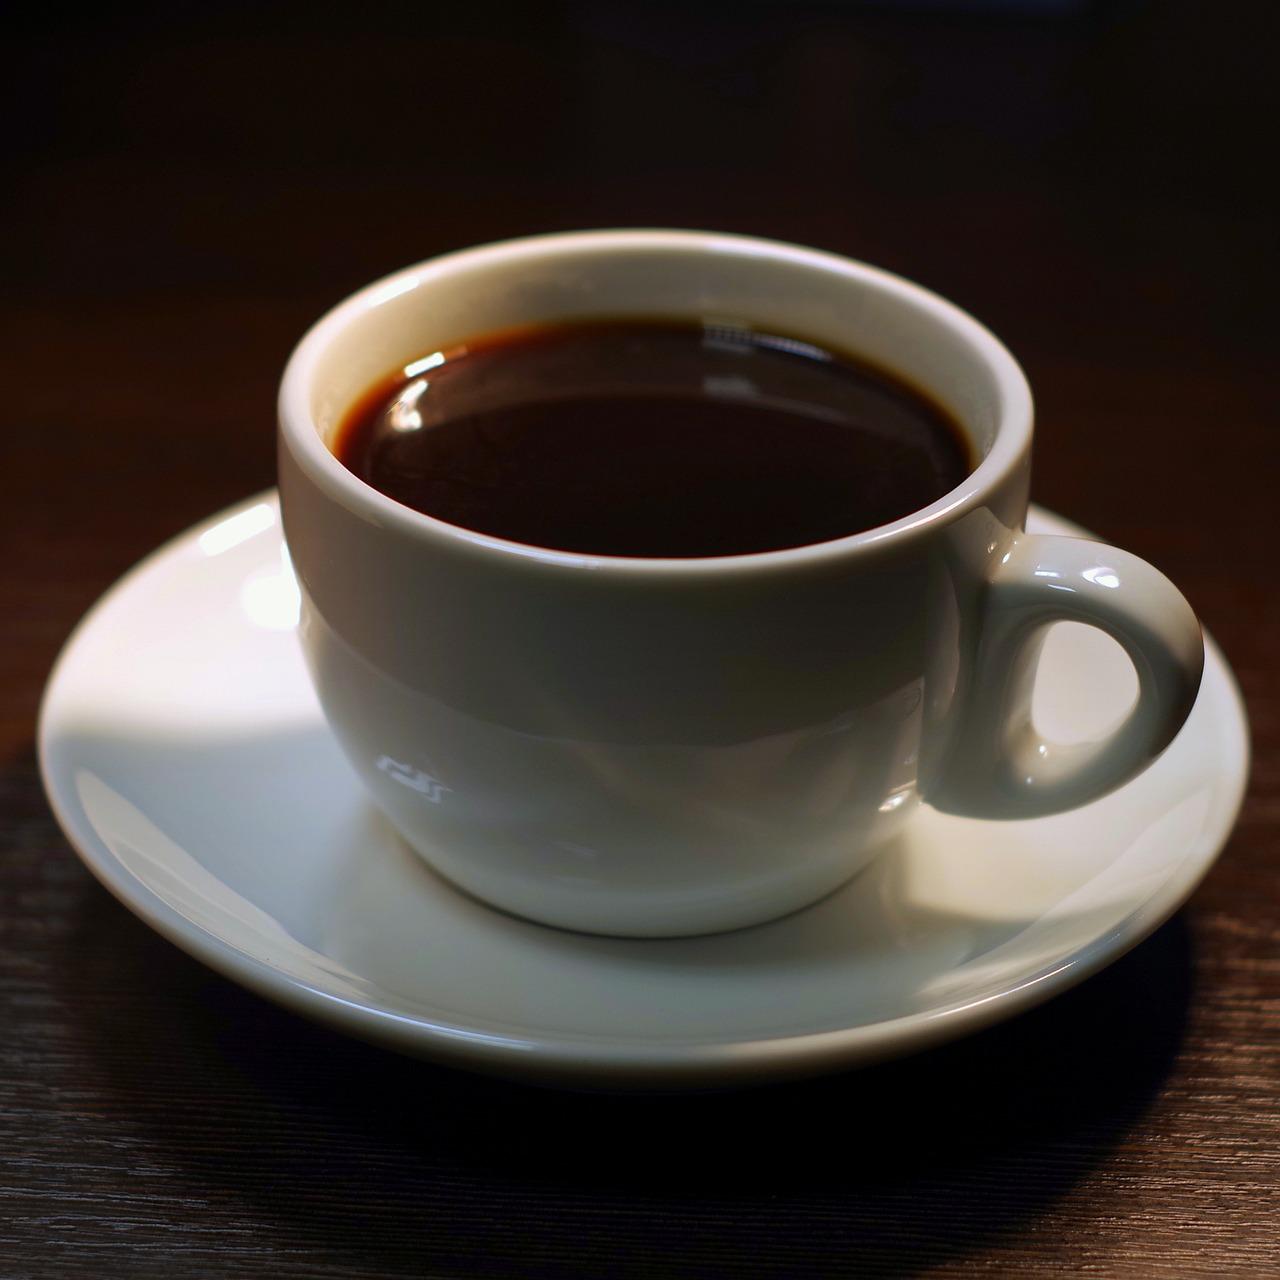 Черный кофе фото в чашке